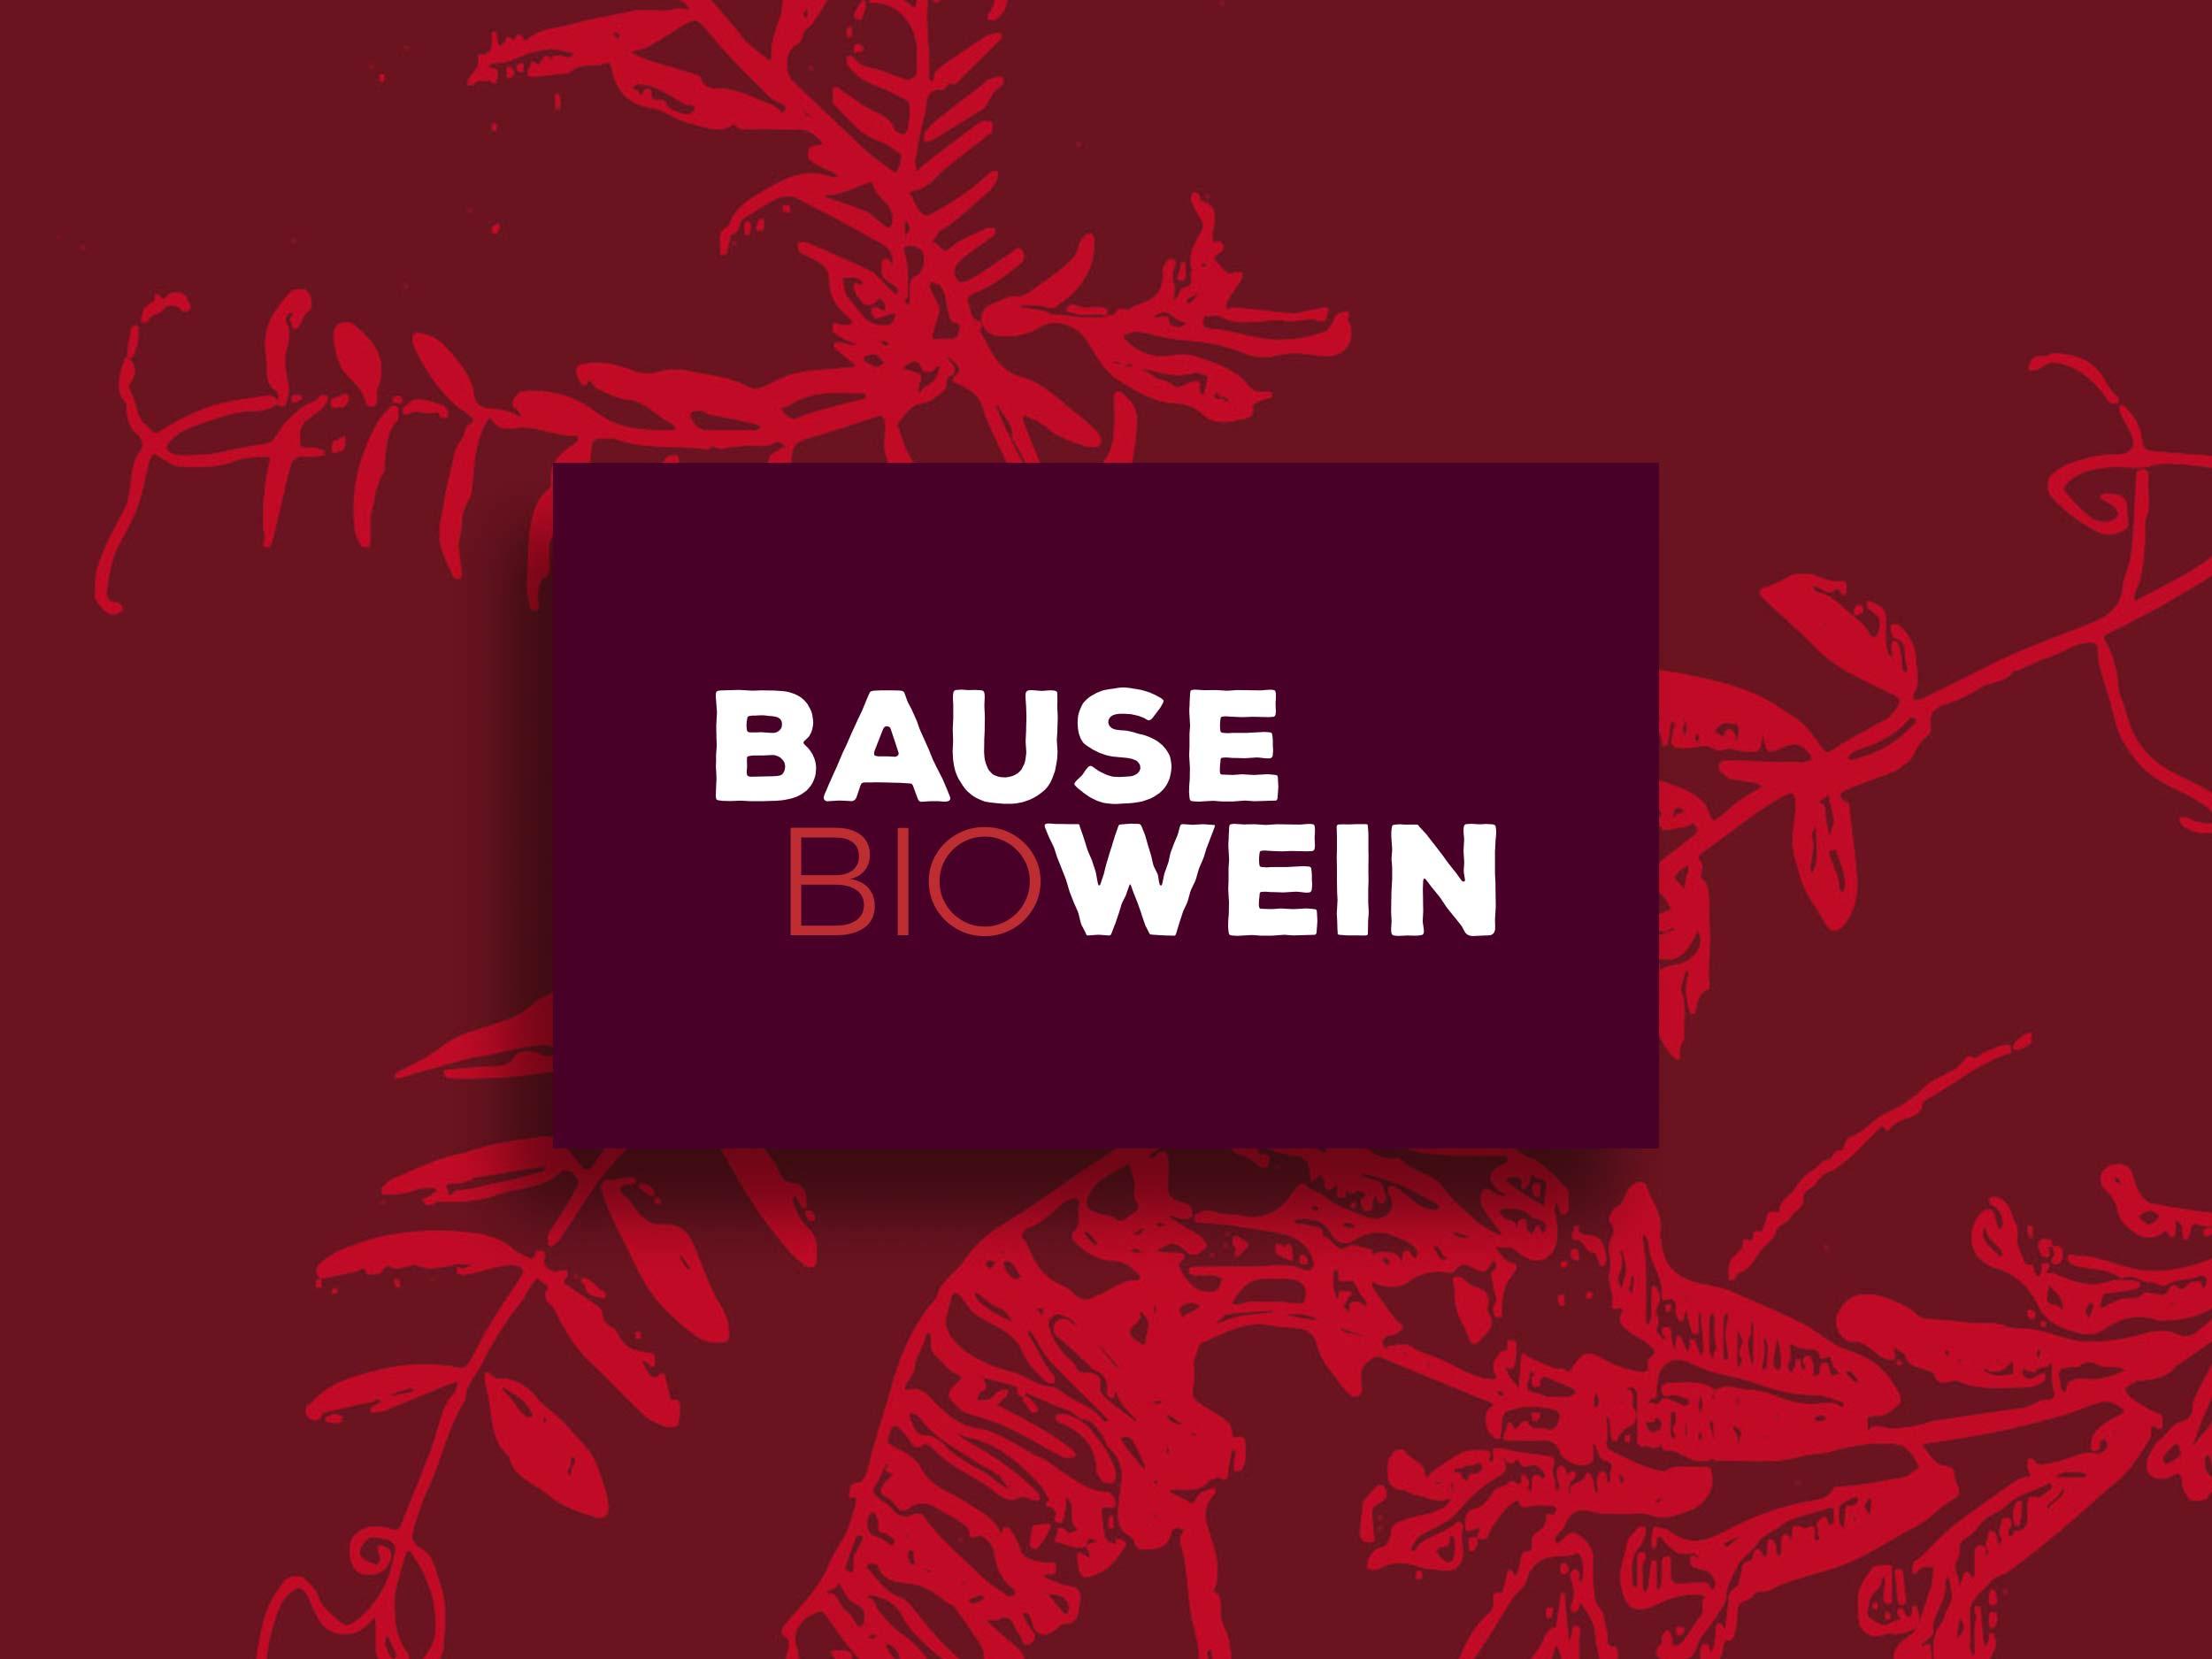 Biobausewein Hotel & Weingut